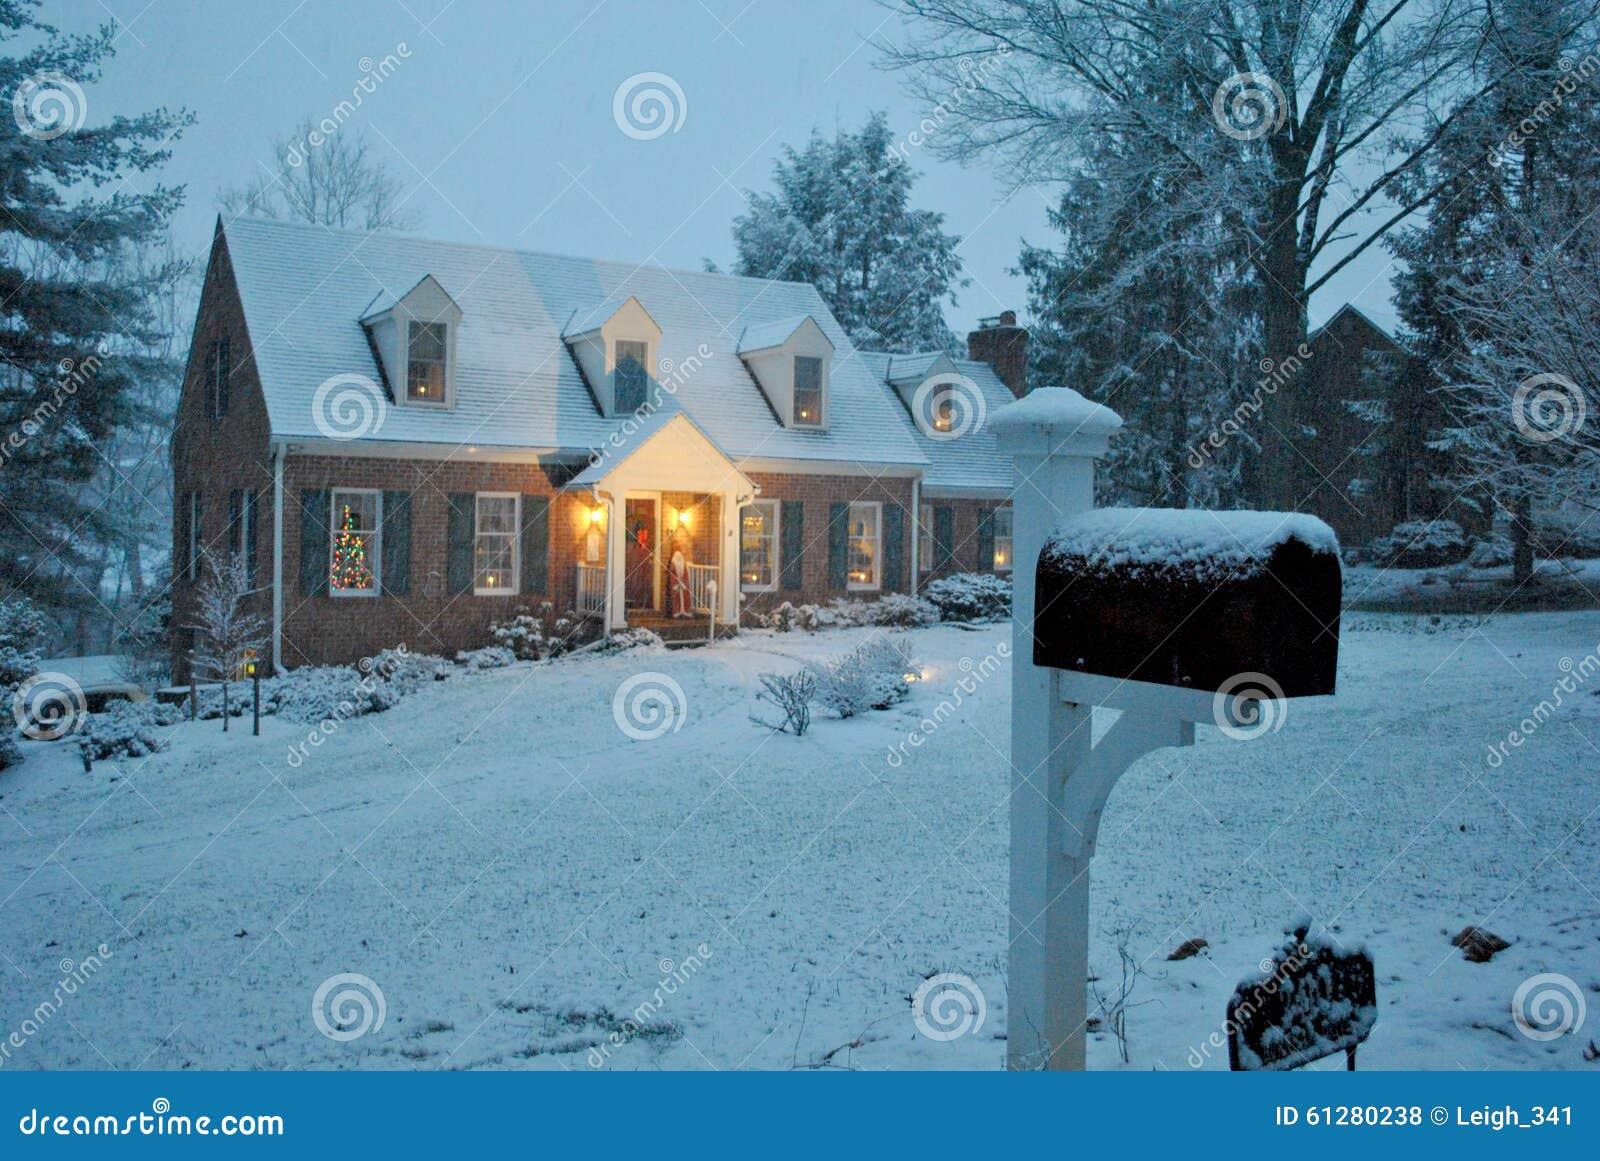 Casa accogliente nella neve su un inverno che uguaglia a - Casa accogliente ...